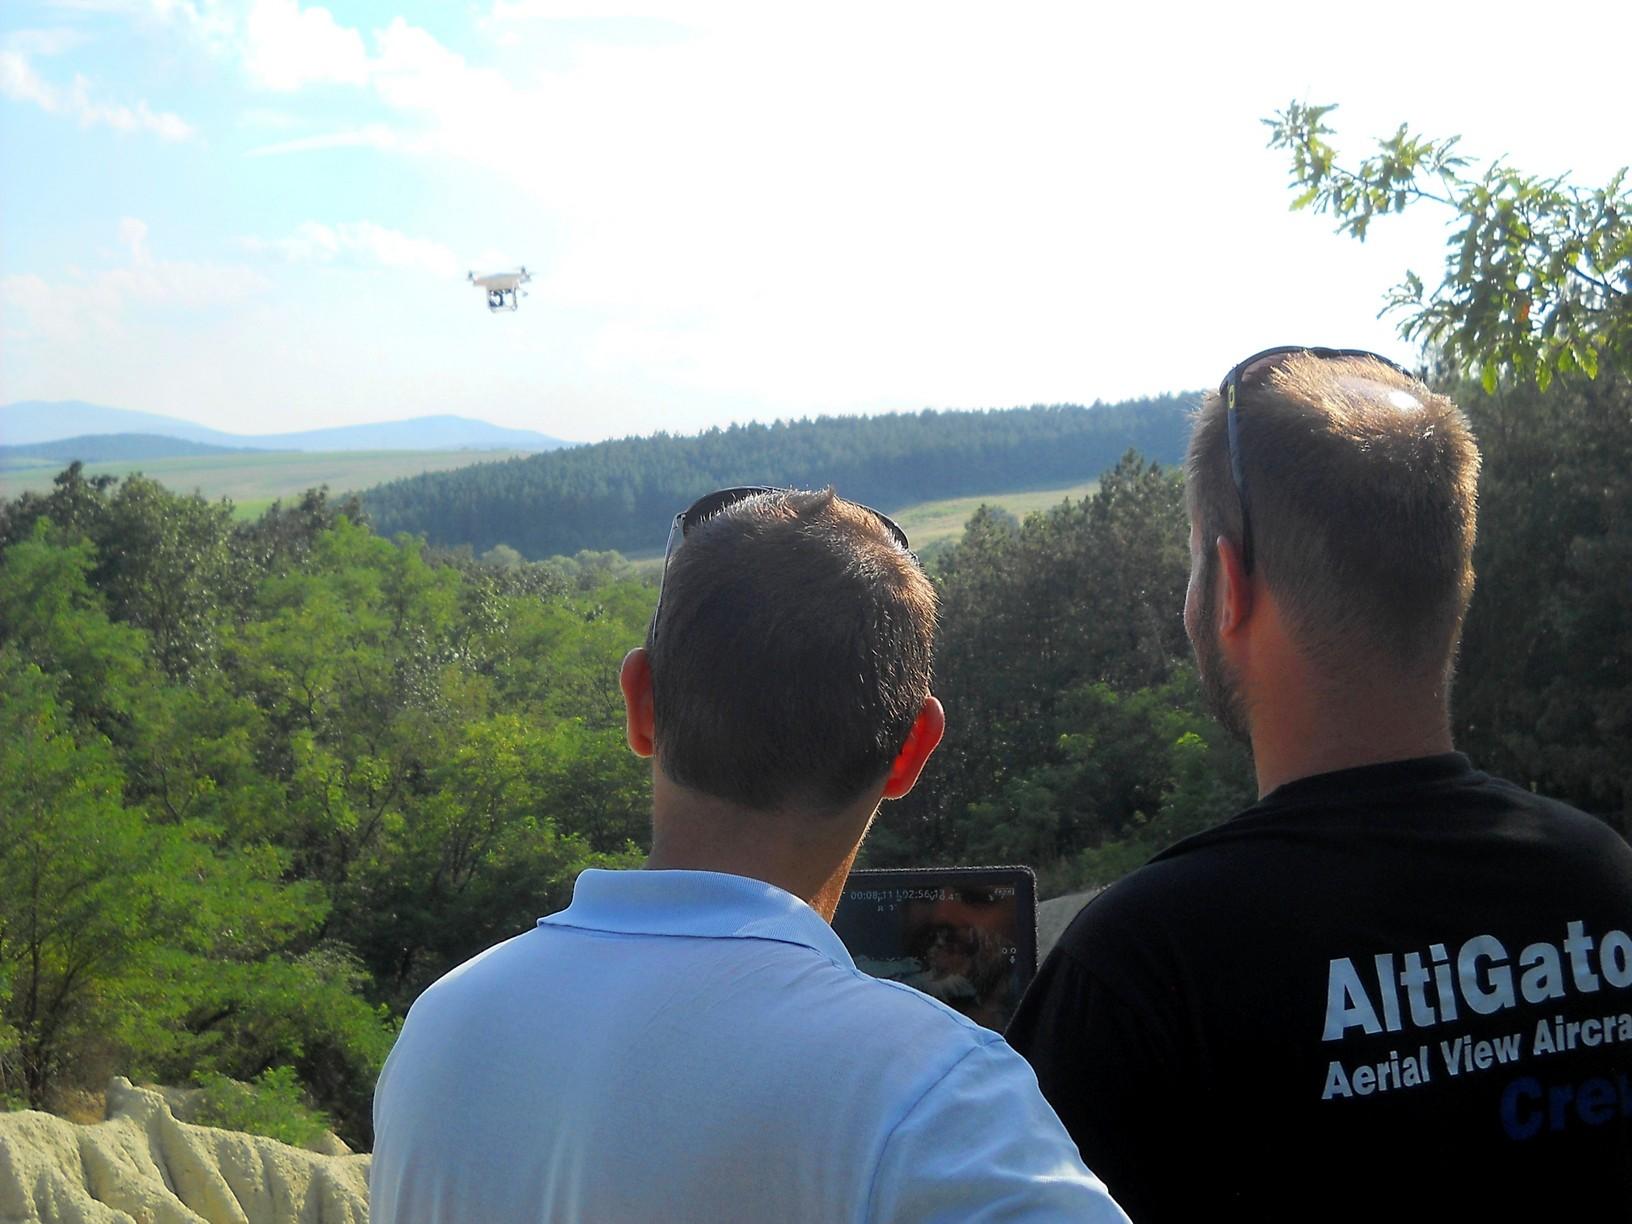 Salgótarjáni tévések készítettek drónnal vágóképeket egy természetfilmhez